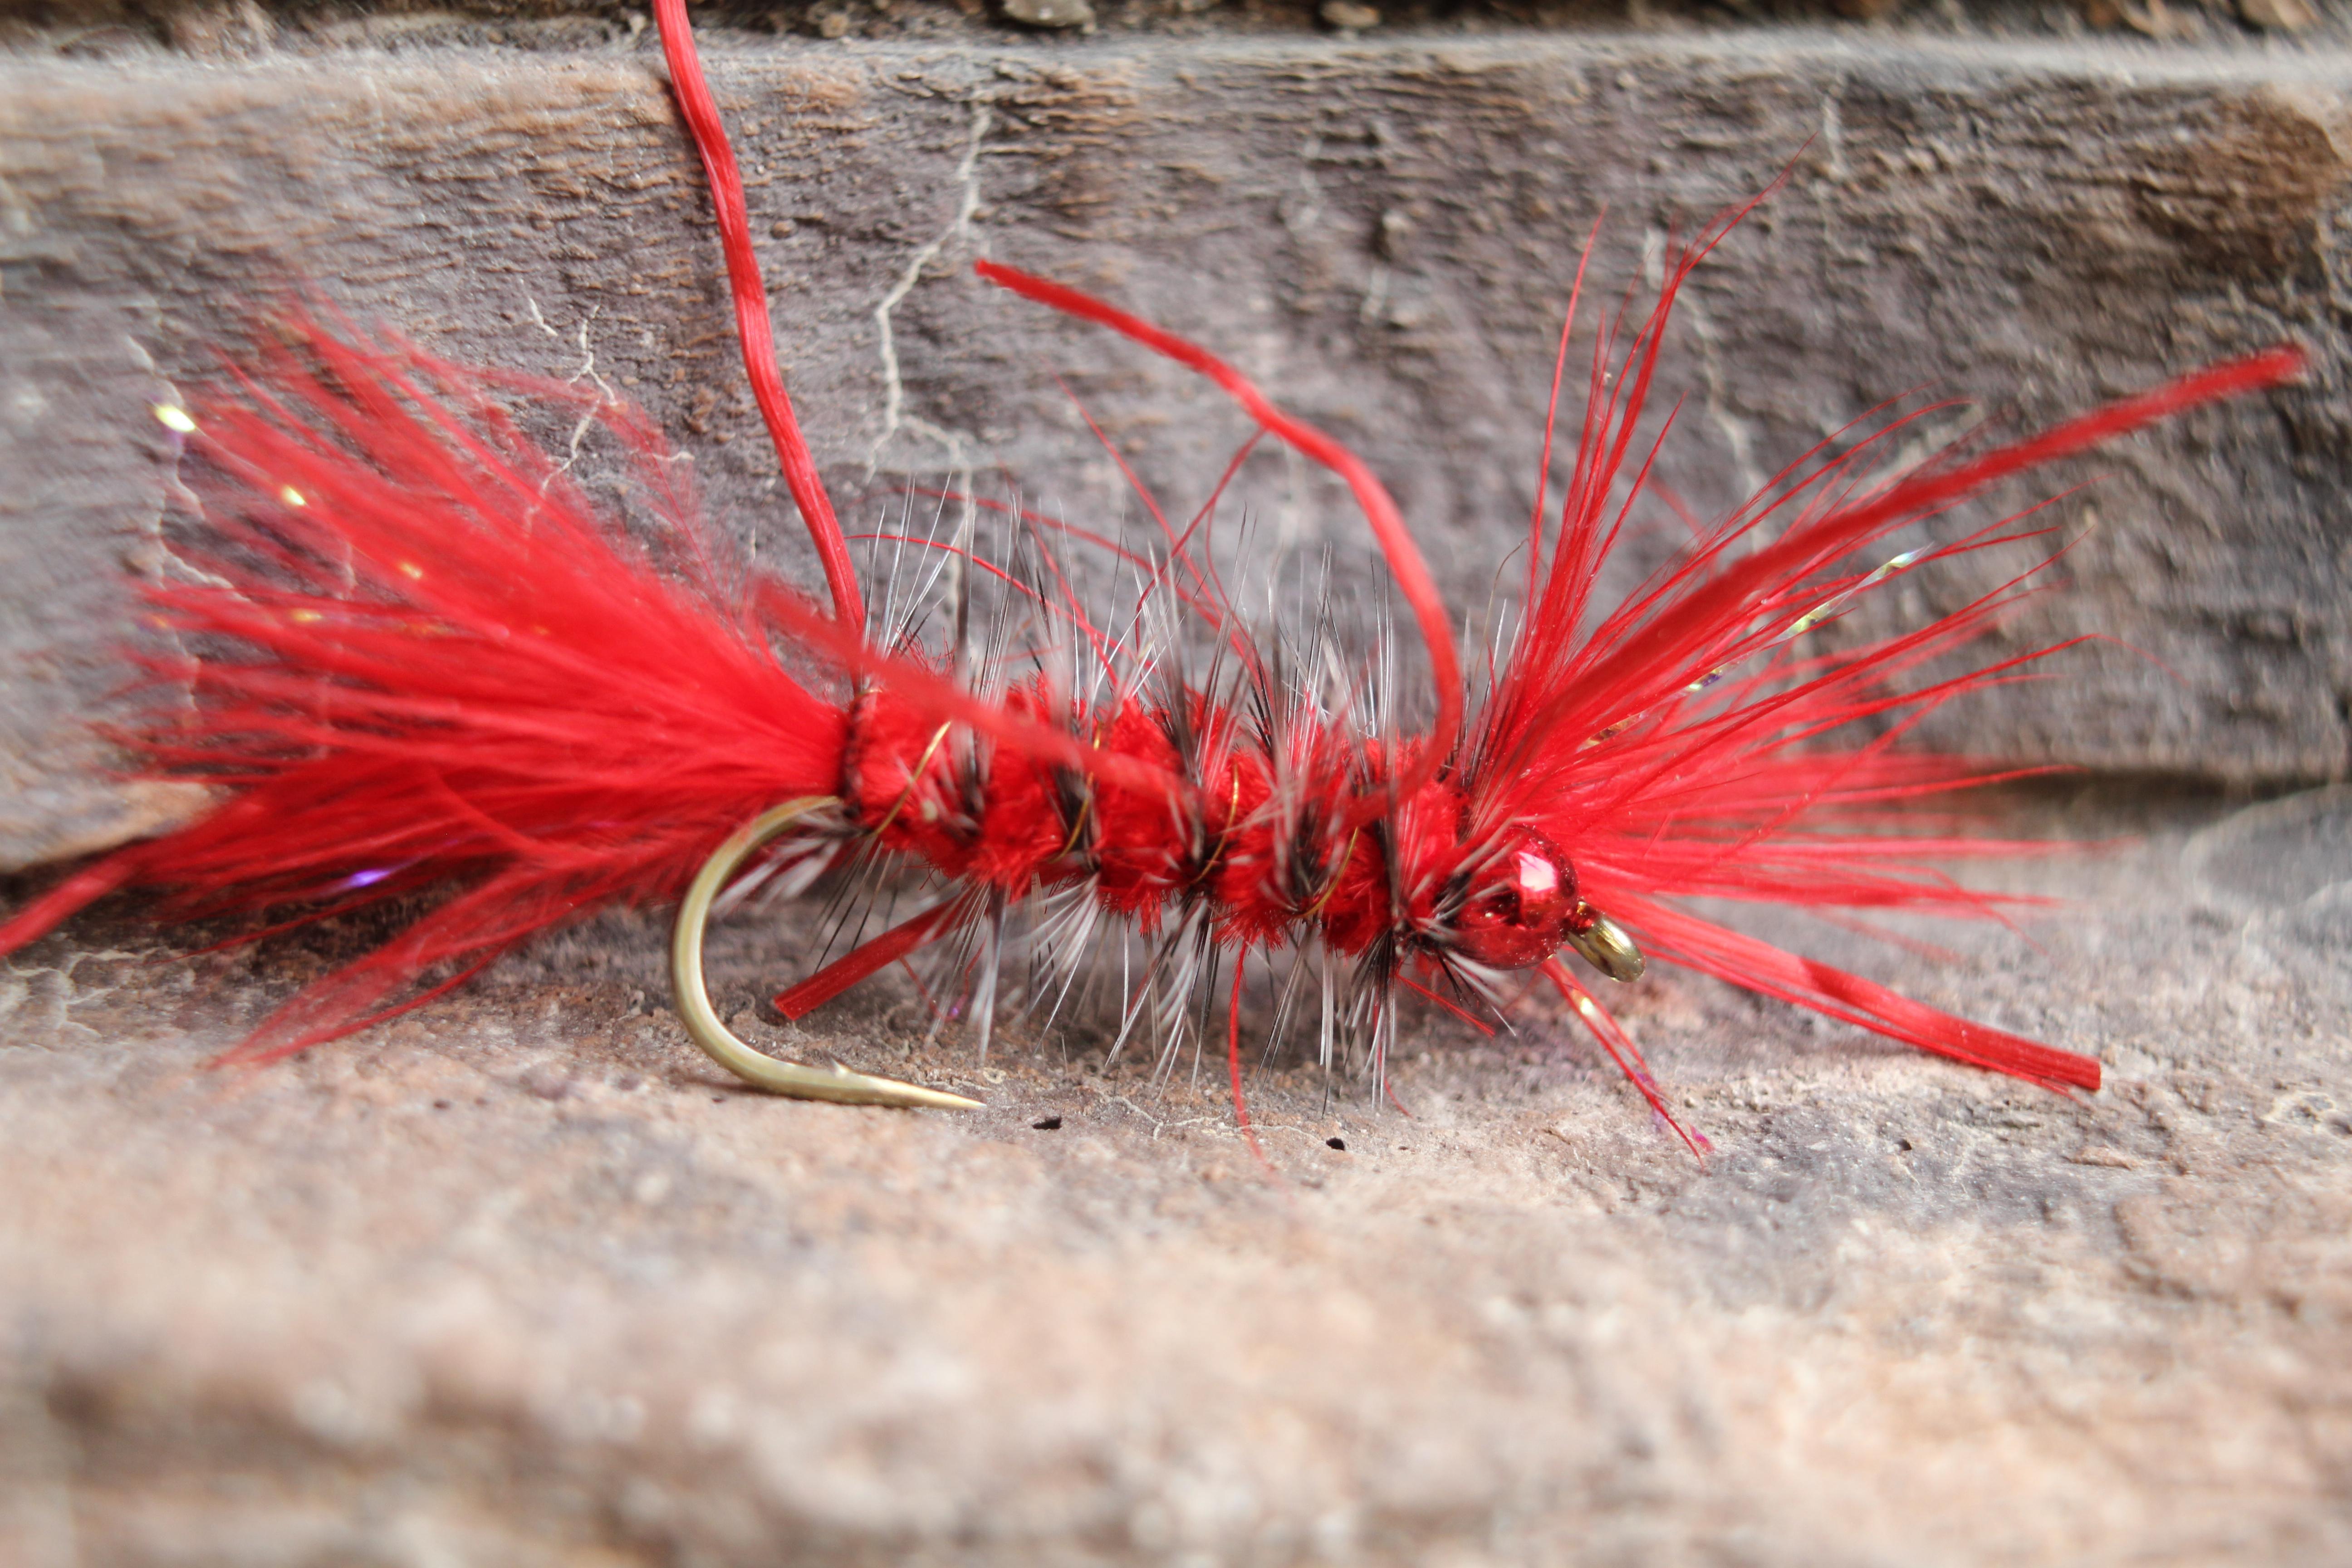 12 Red San Juan Worms Size 10 fishing flies One Dozen